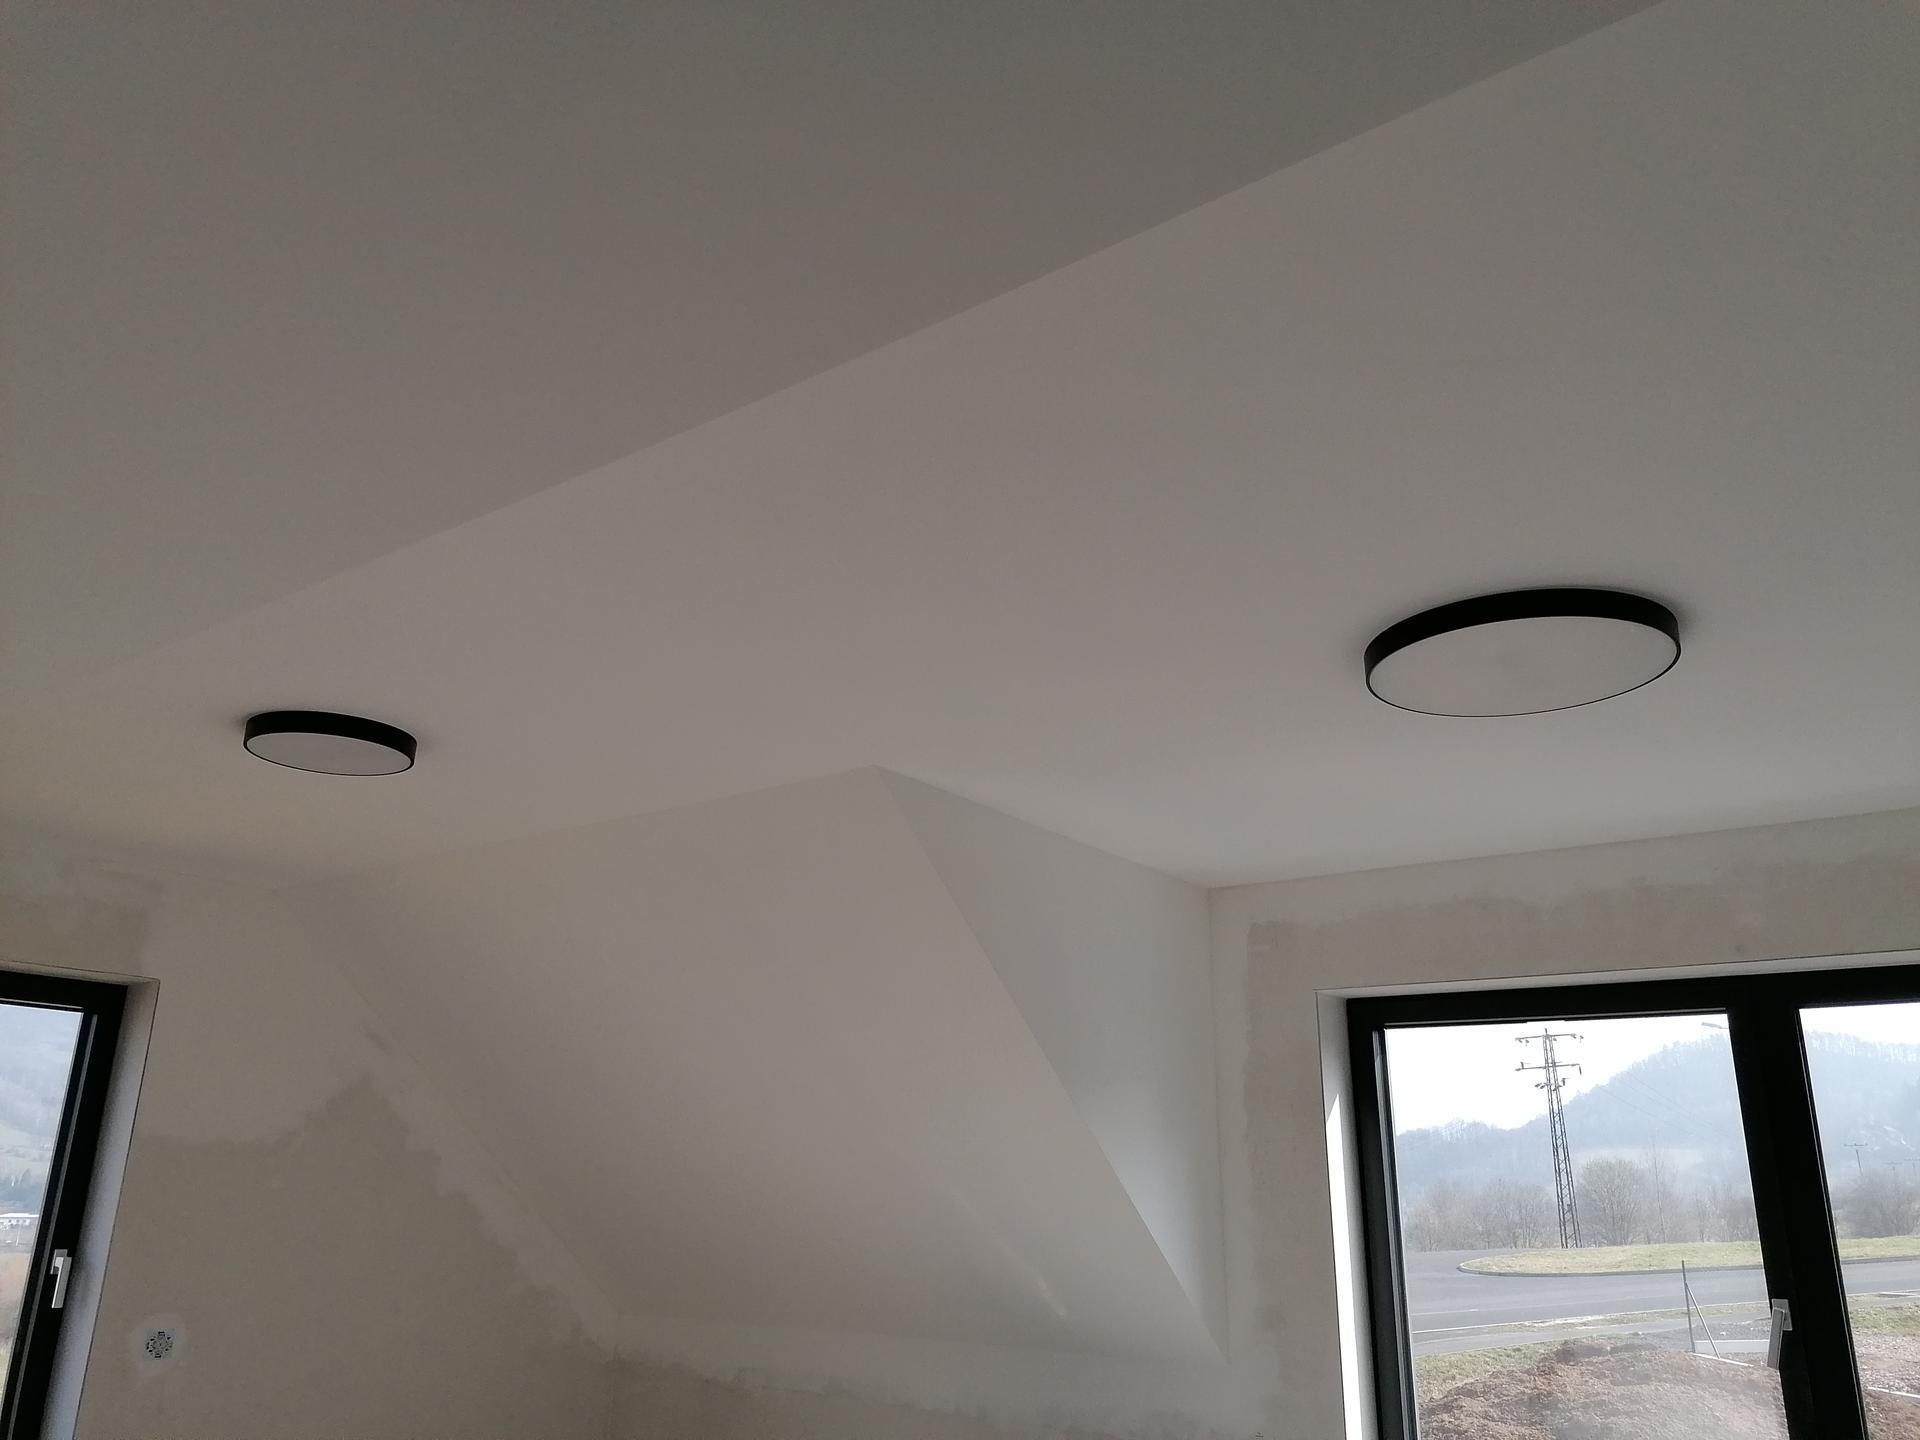 Pasiv Svépomocí 2021 - Eglo Zubietta přisazené LED světlo